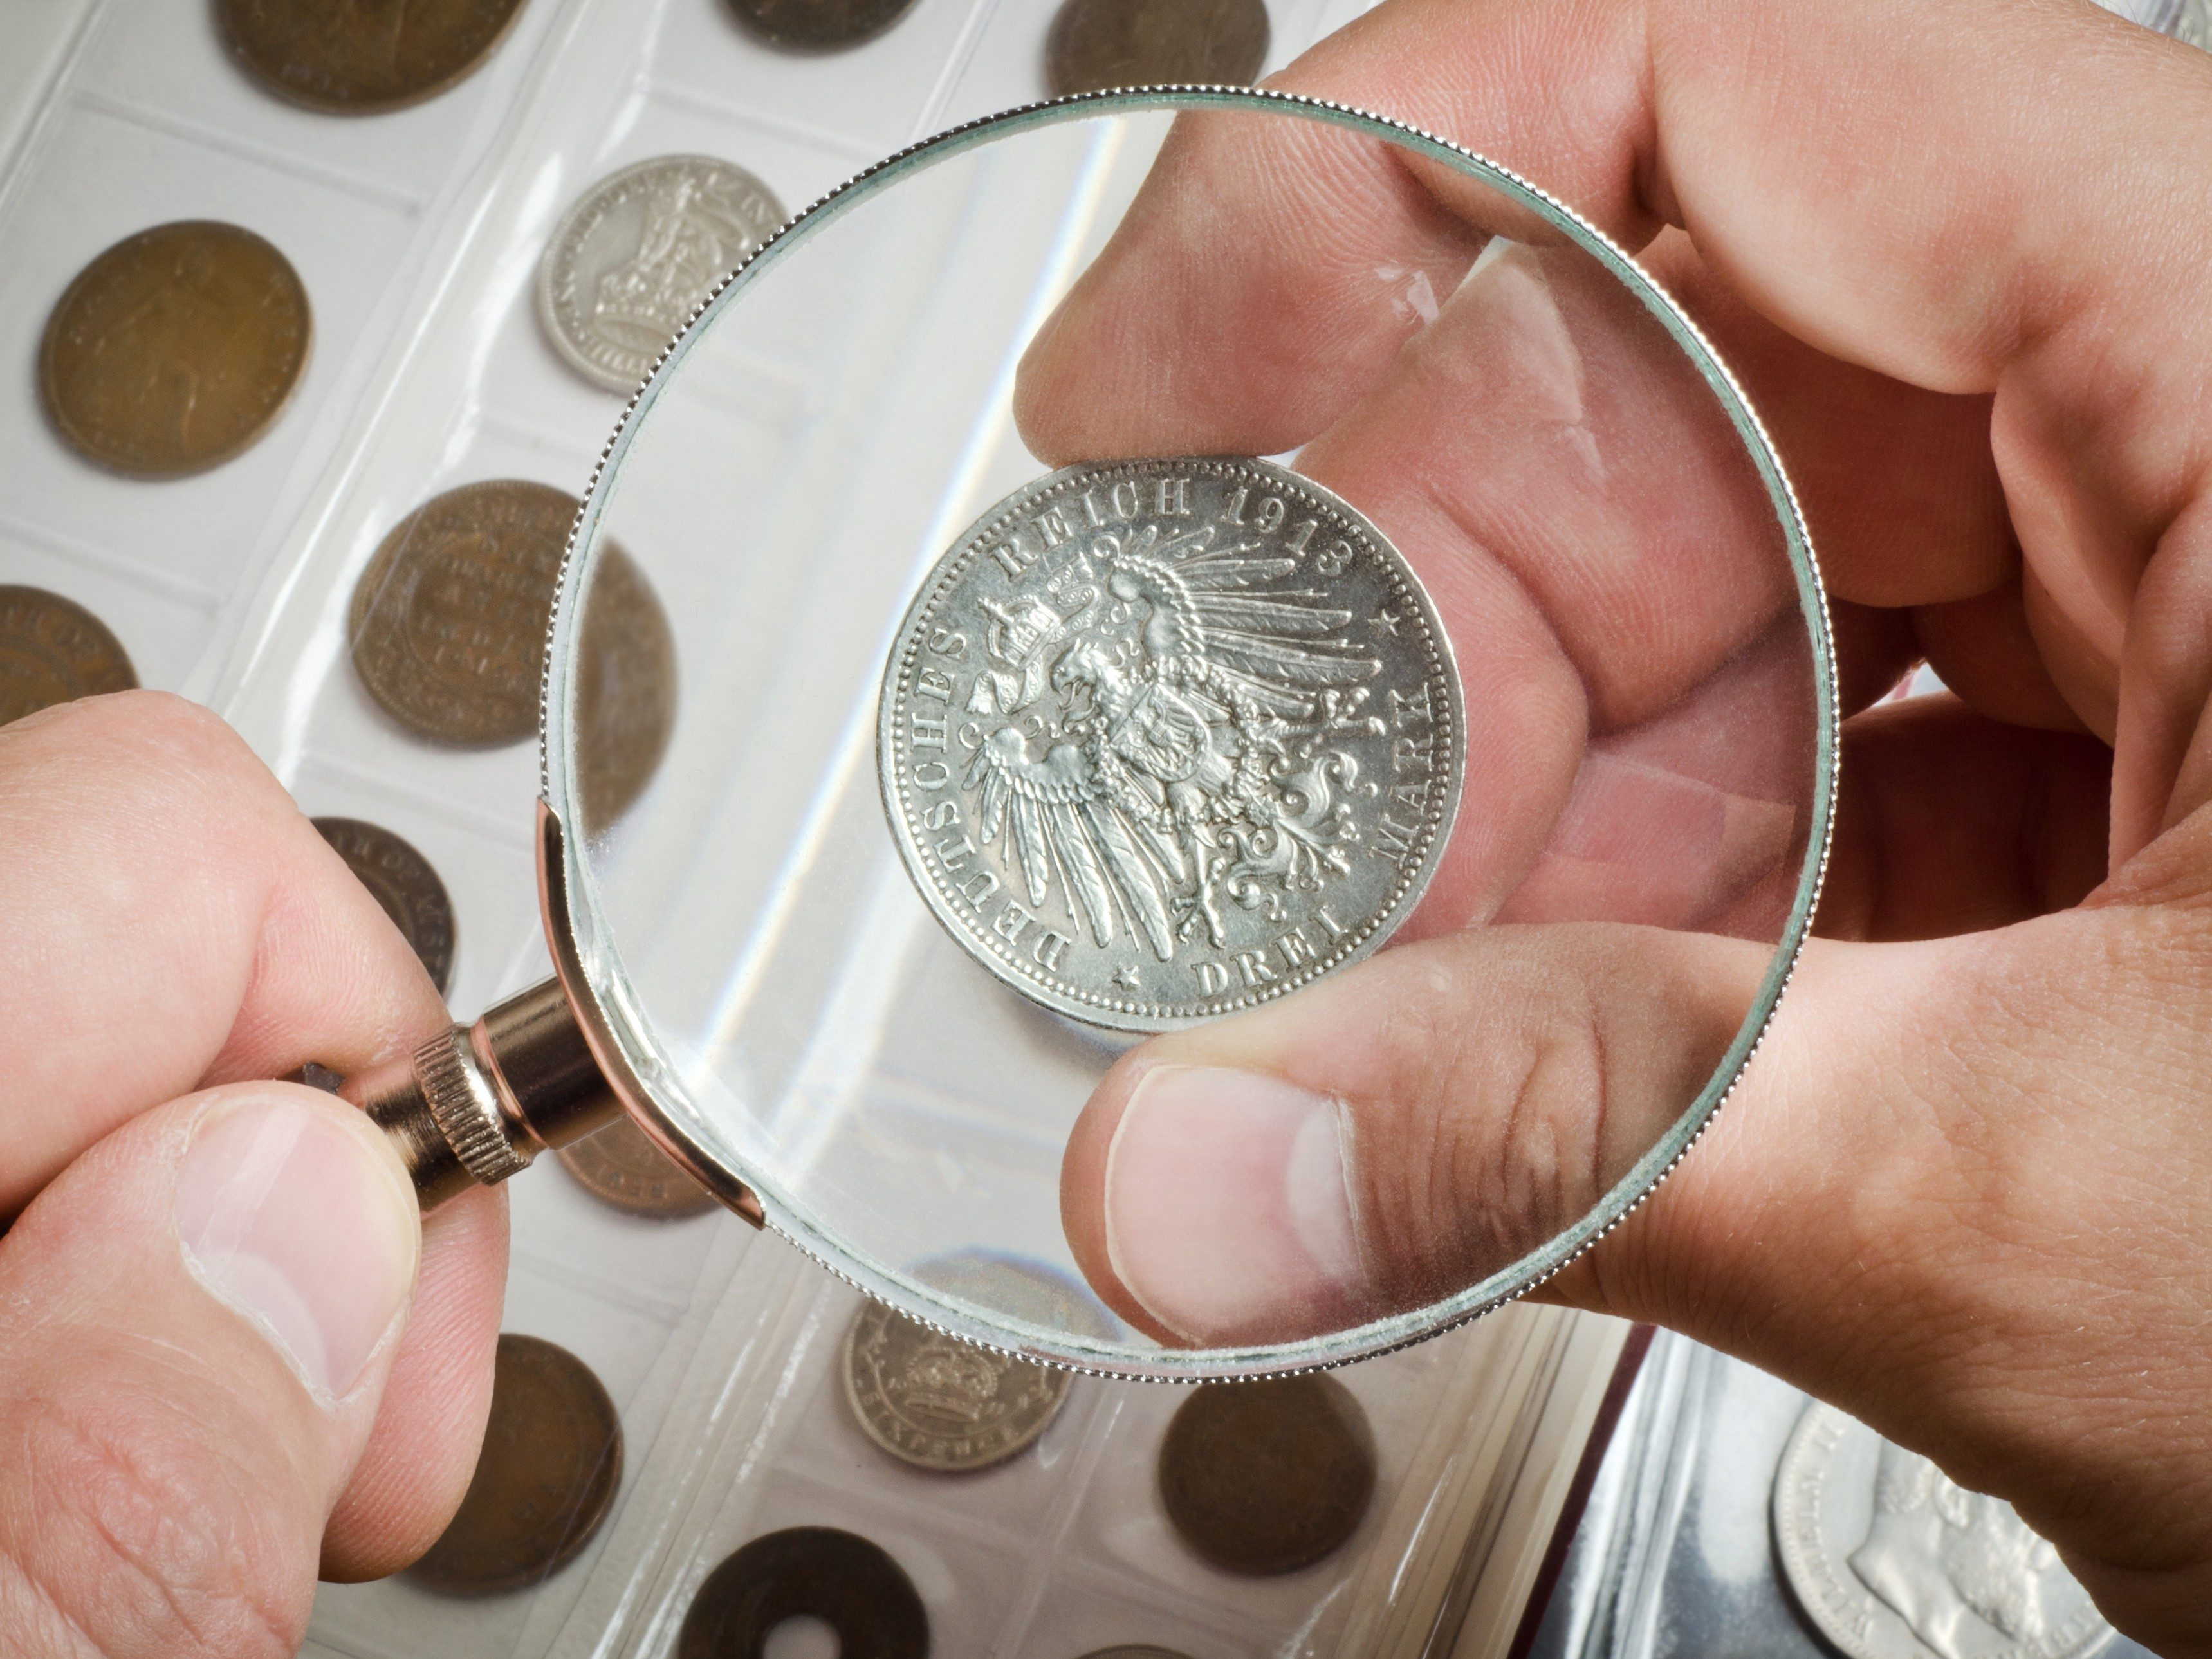 1. Use an Eraser to Shine a Coin Collection